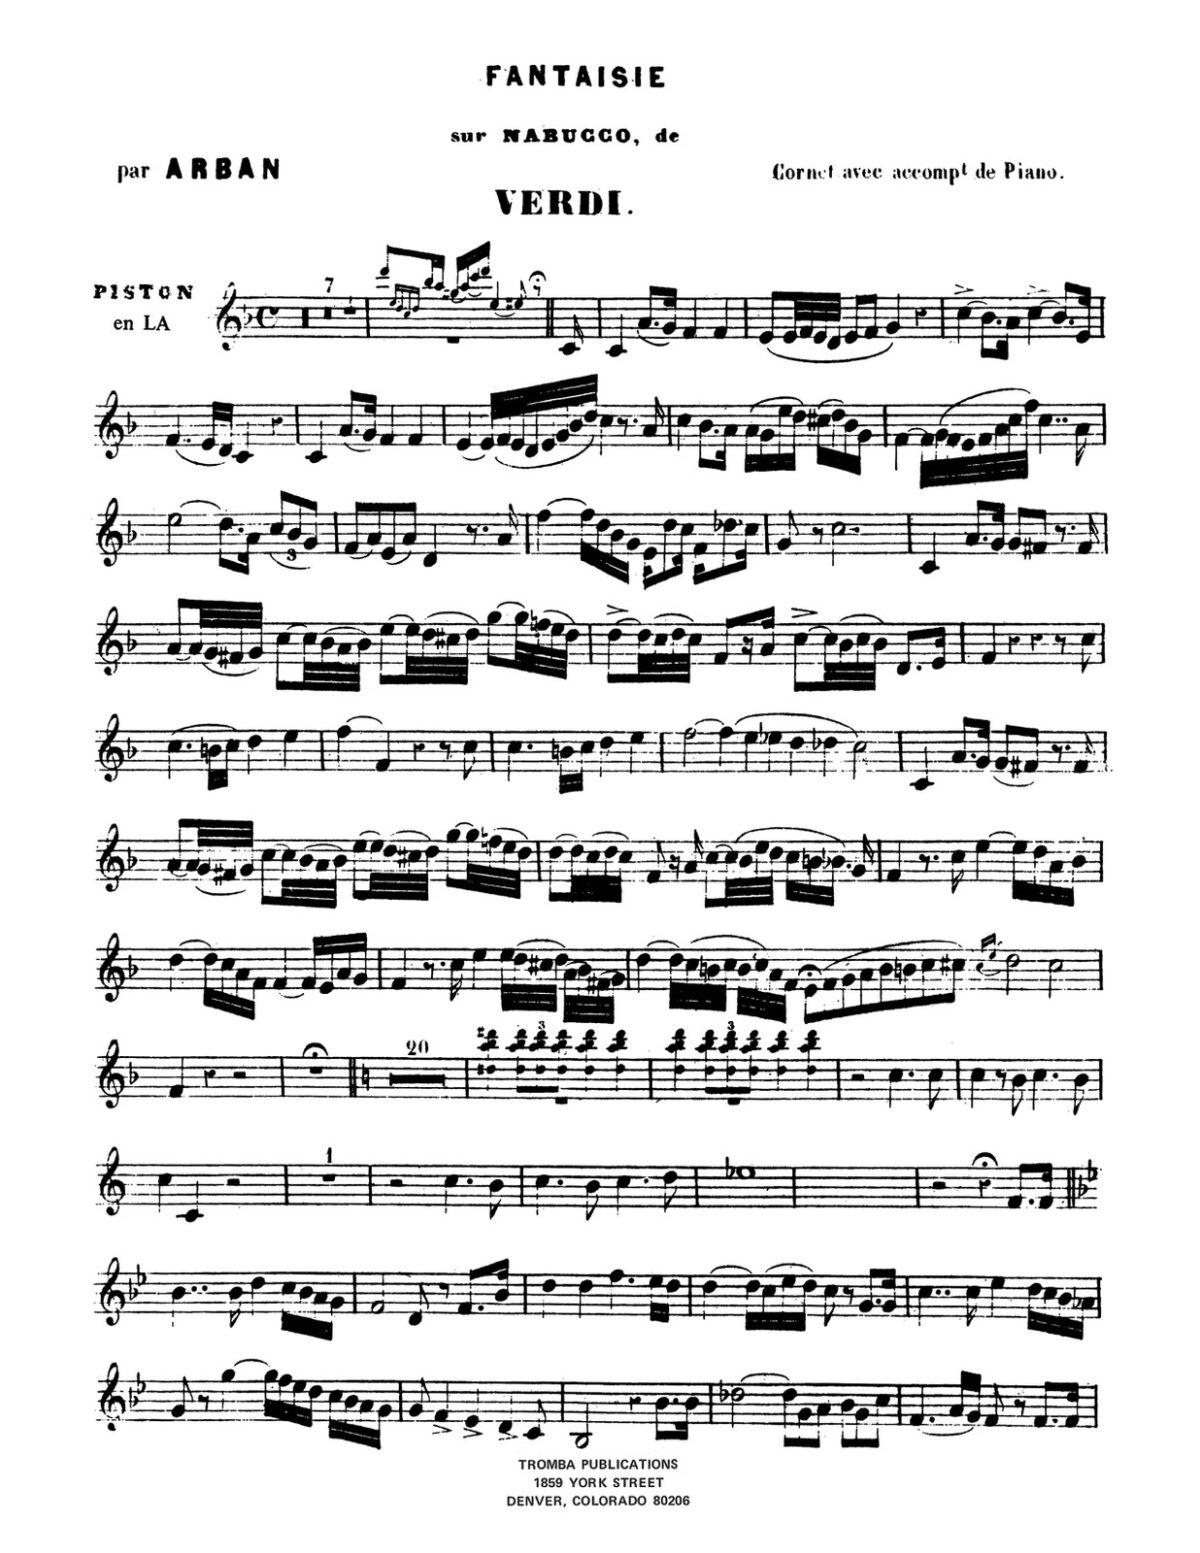 Arban, Fantasie on Verdi's Nabucco-p3